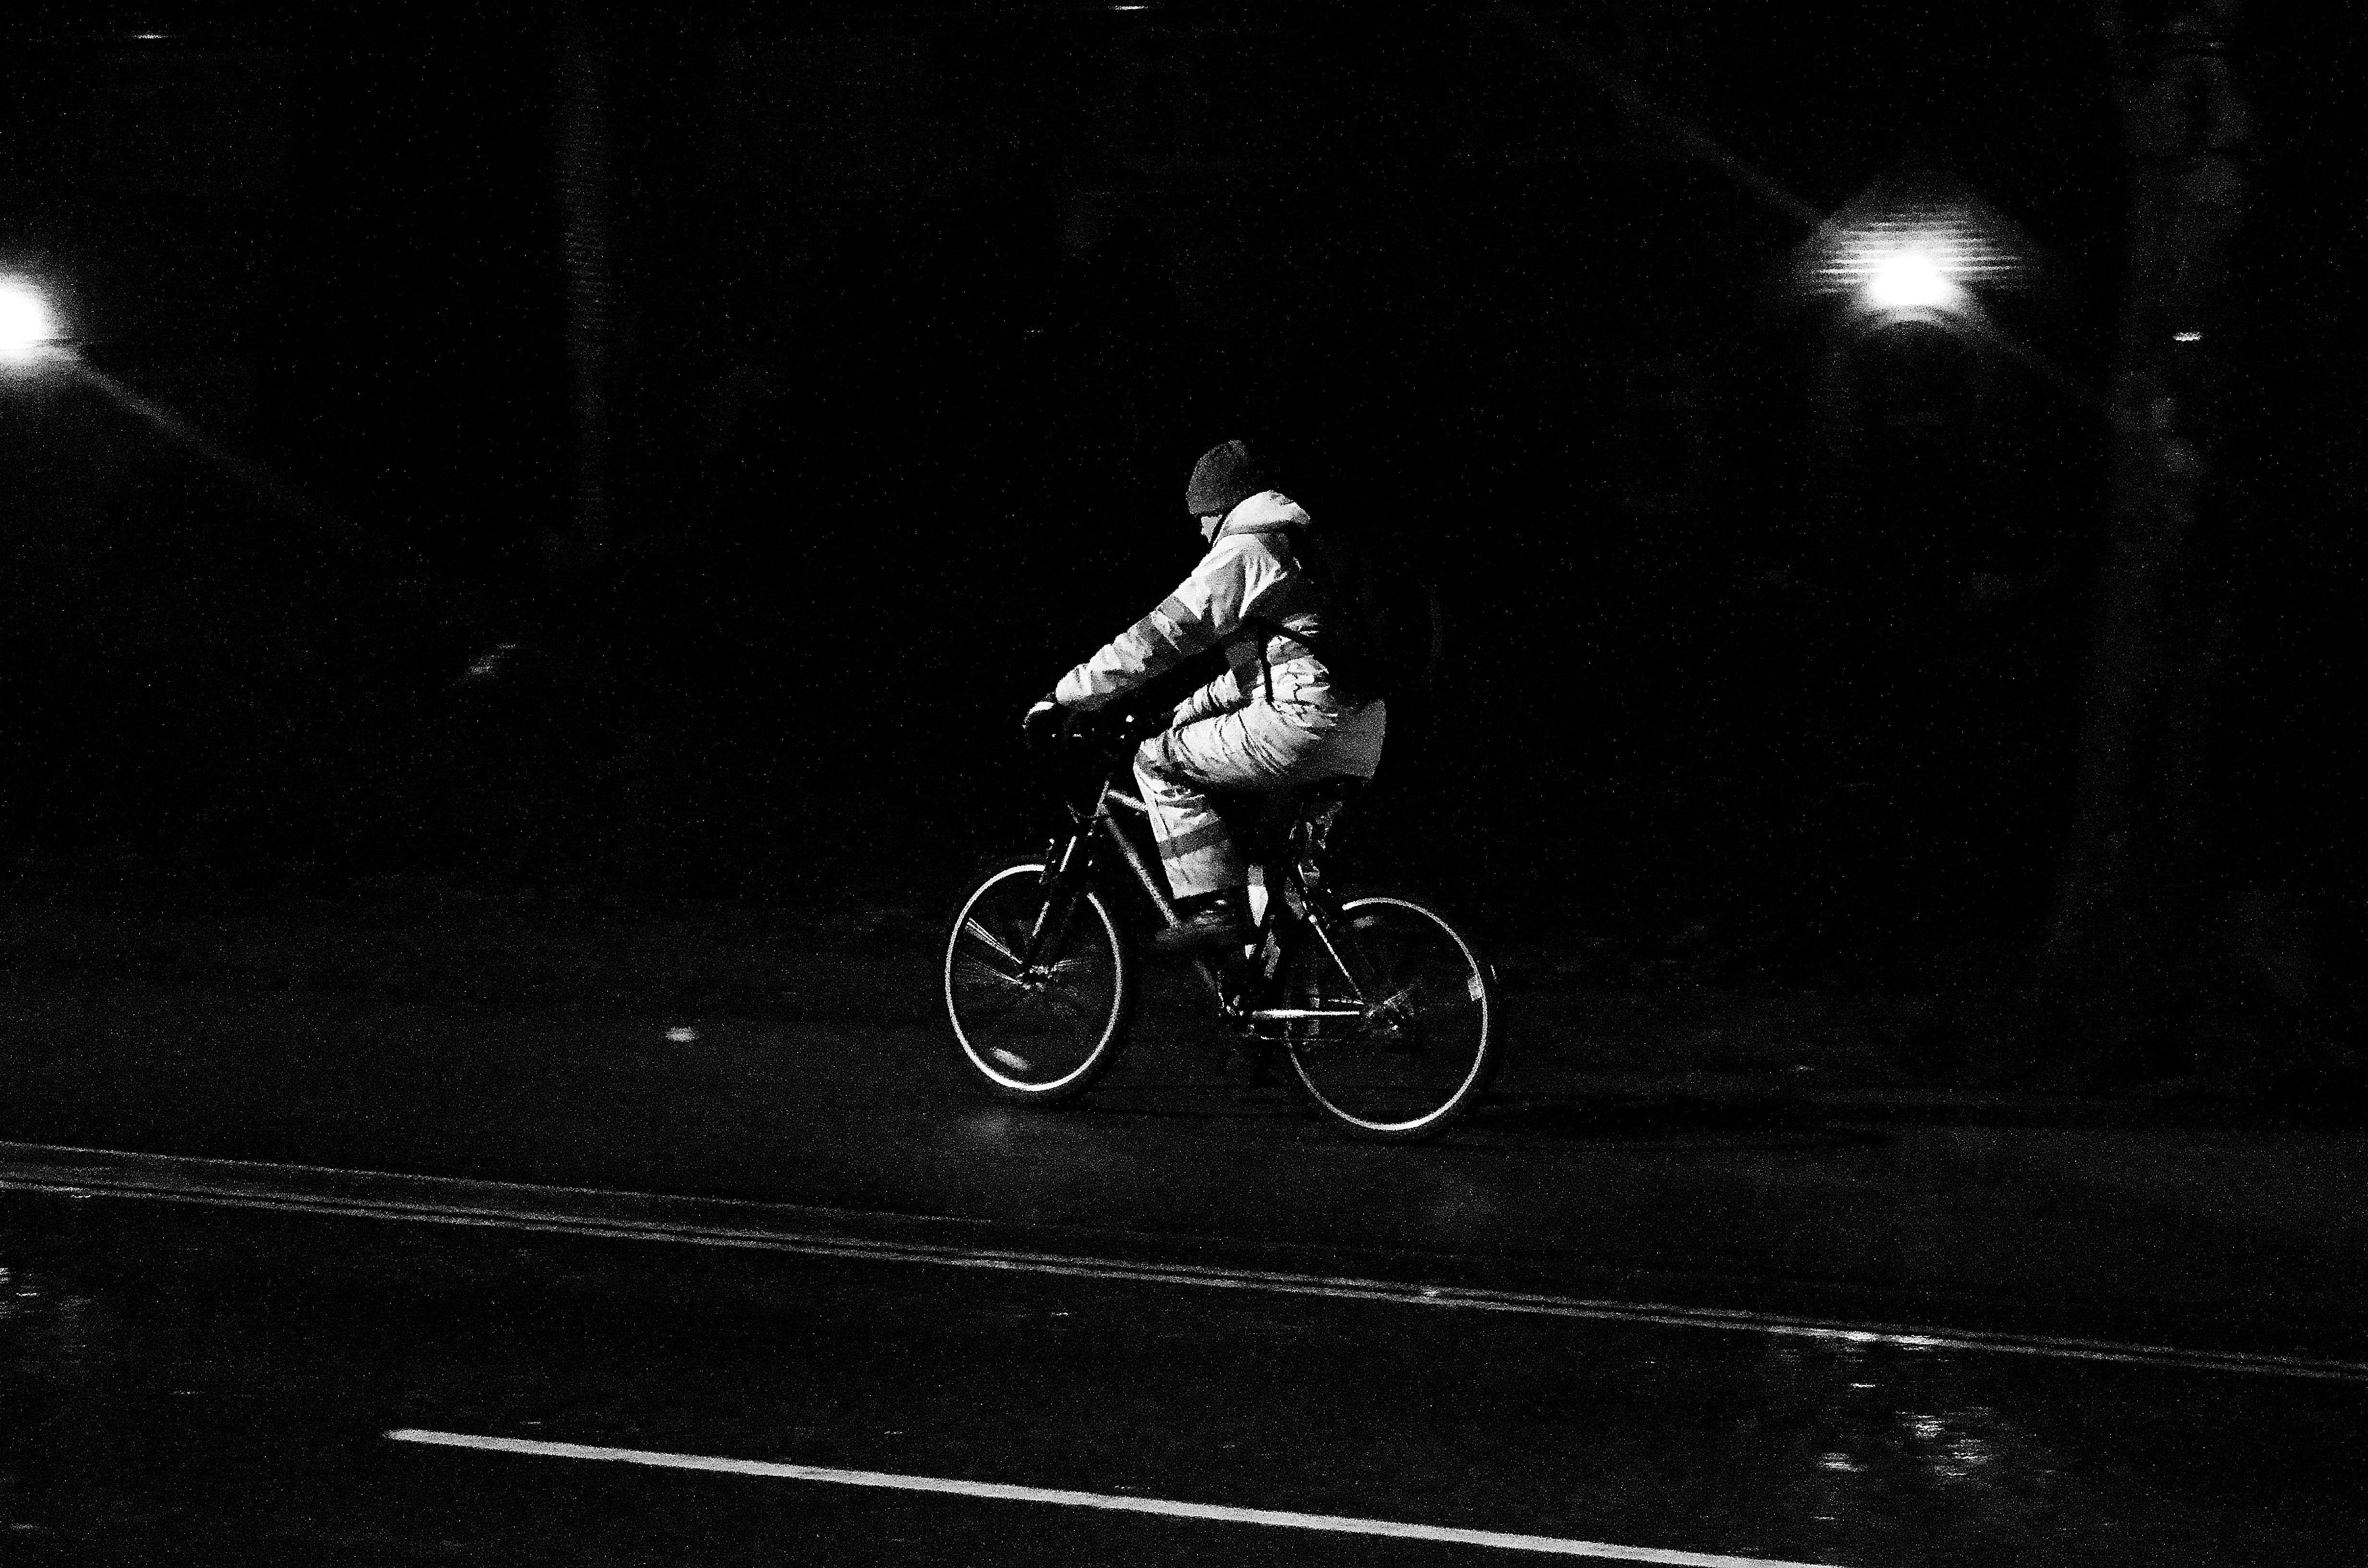 Kostenlose foto  Licht Schwarz und wei Menschen Wei Nacht